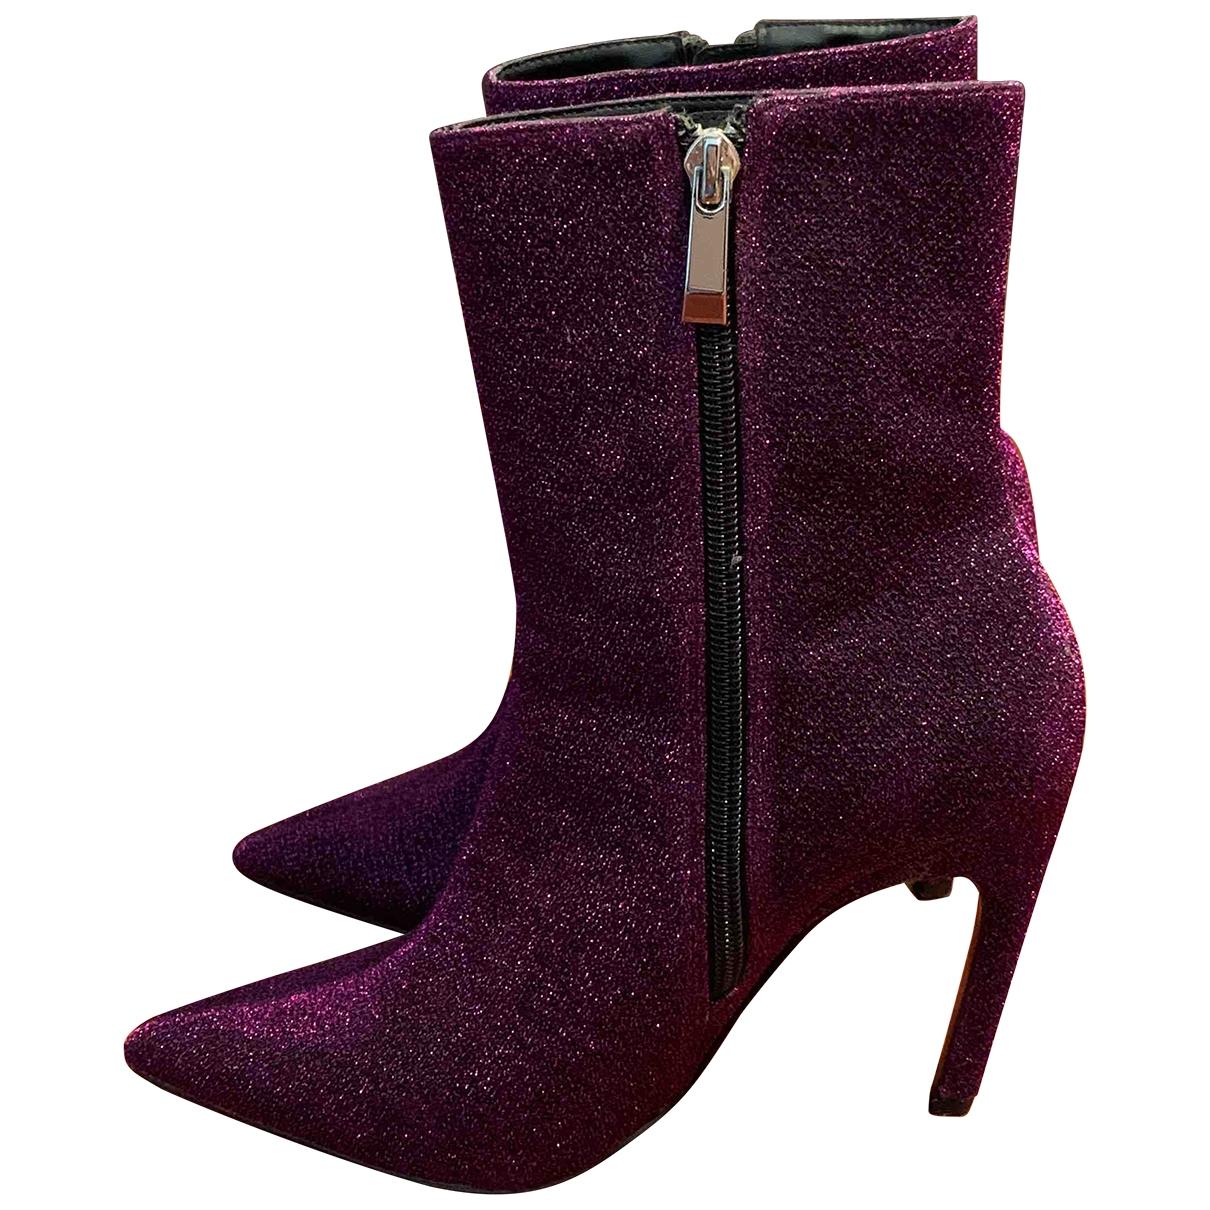 Zara - Boots   pour femme - violet